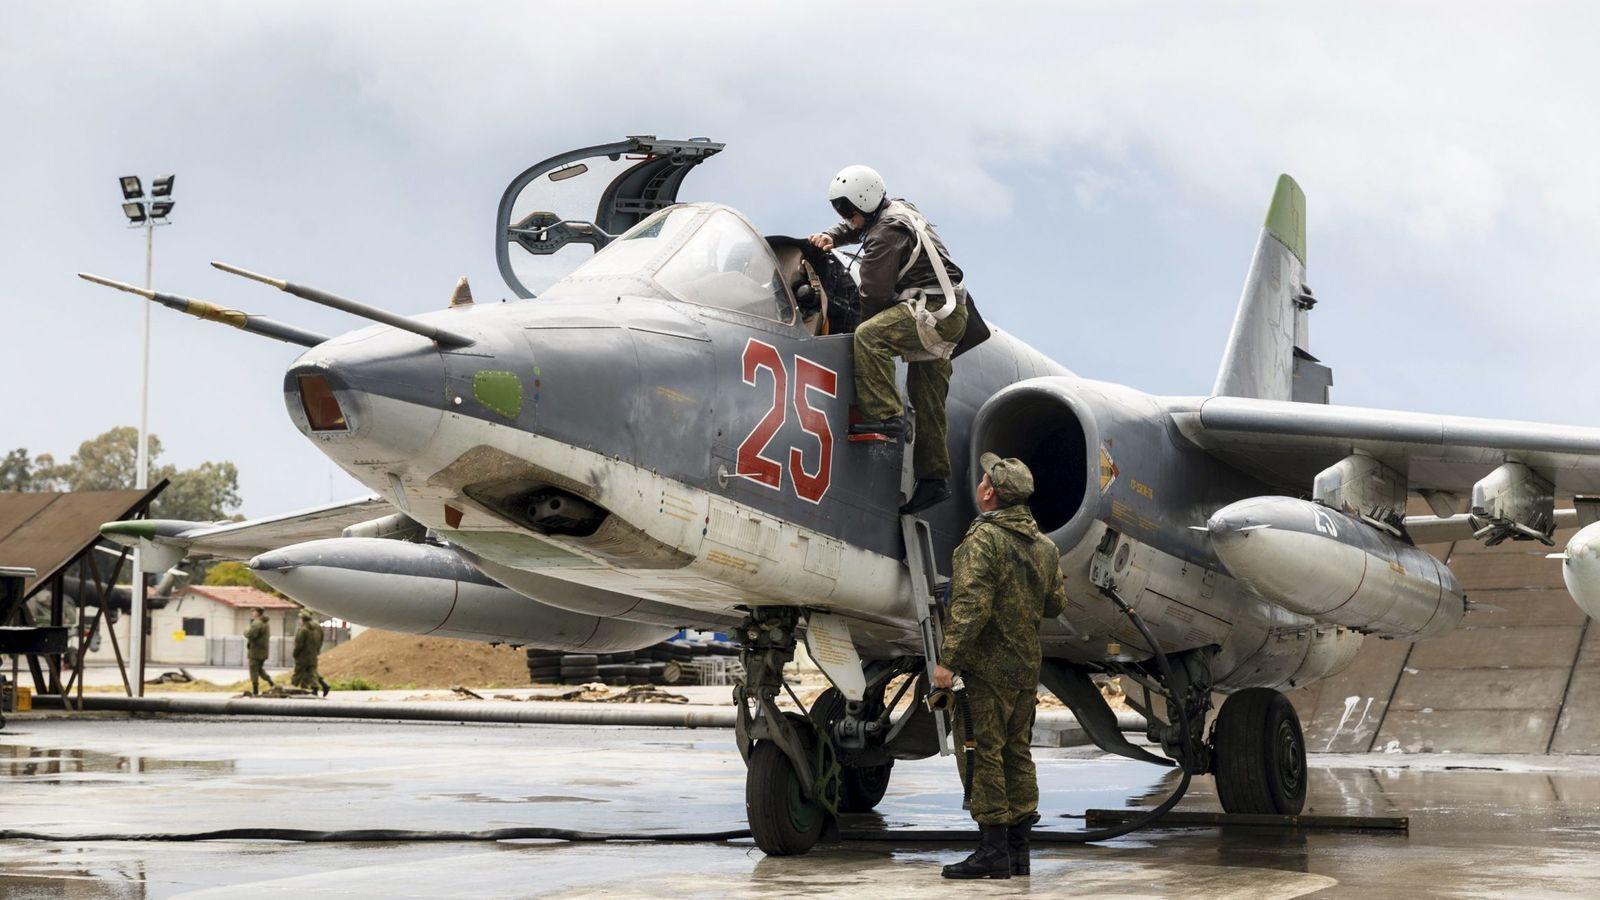 Foto: Un piloto ruso monta en un caza Sukhoi Su-25 en la base aérea de Jmeimin, en Siria, el 16 de marzo de 2016 (Reuters)